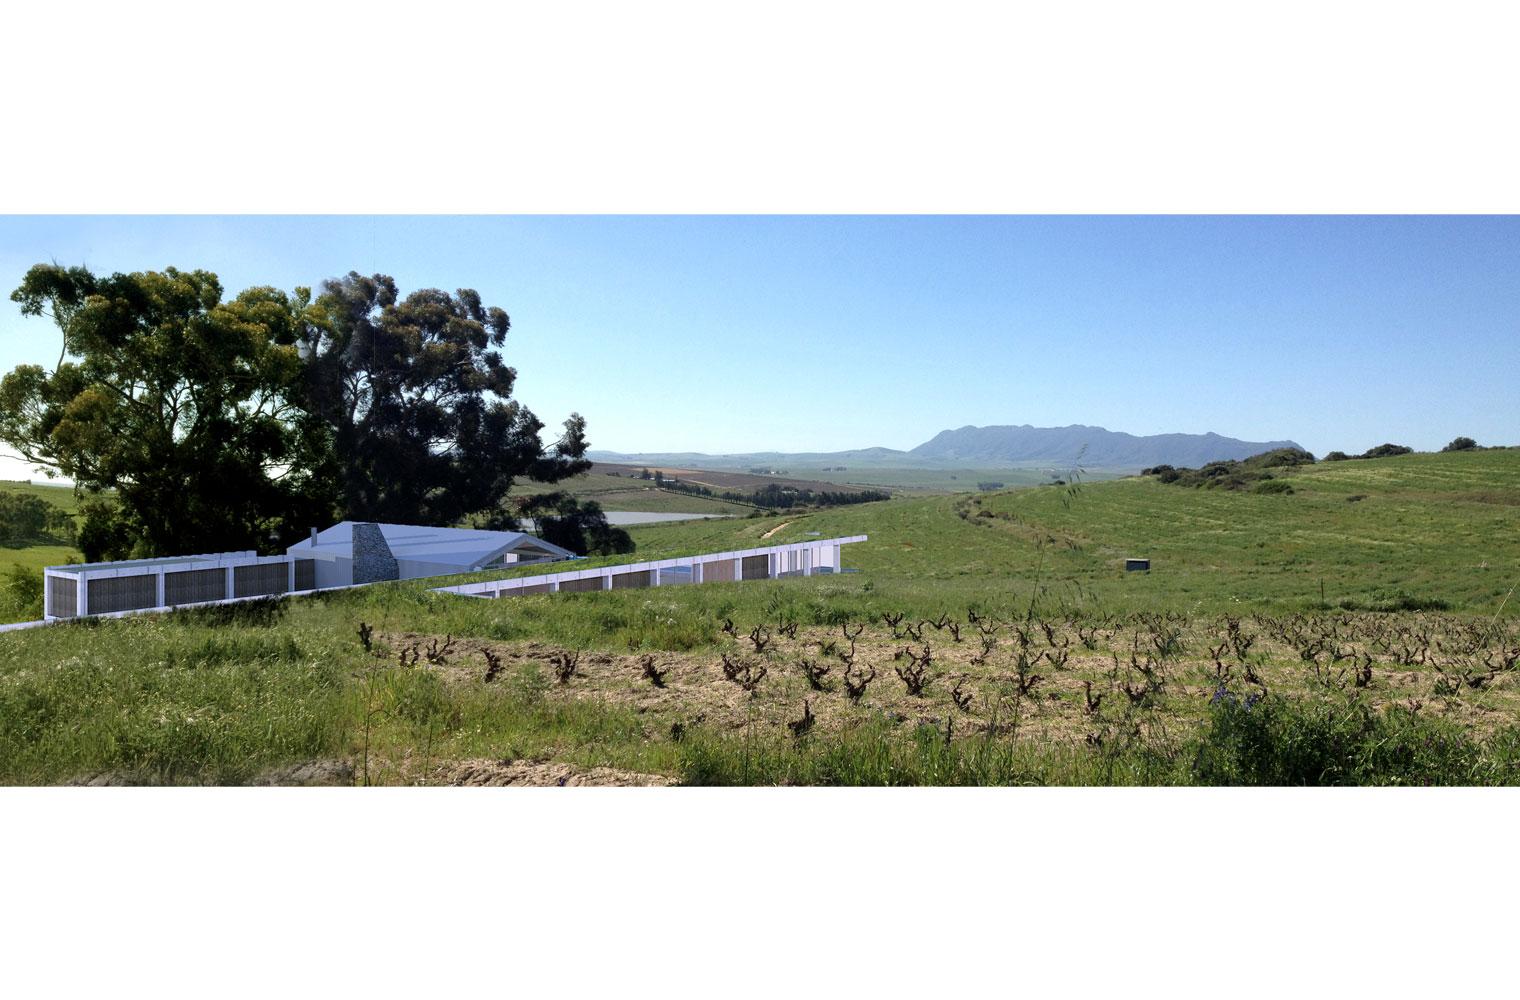 Lammershoek Farm